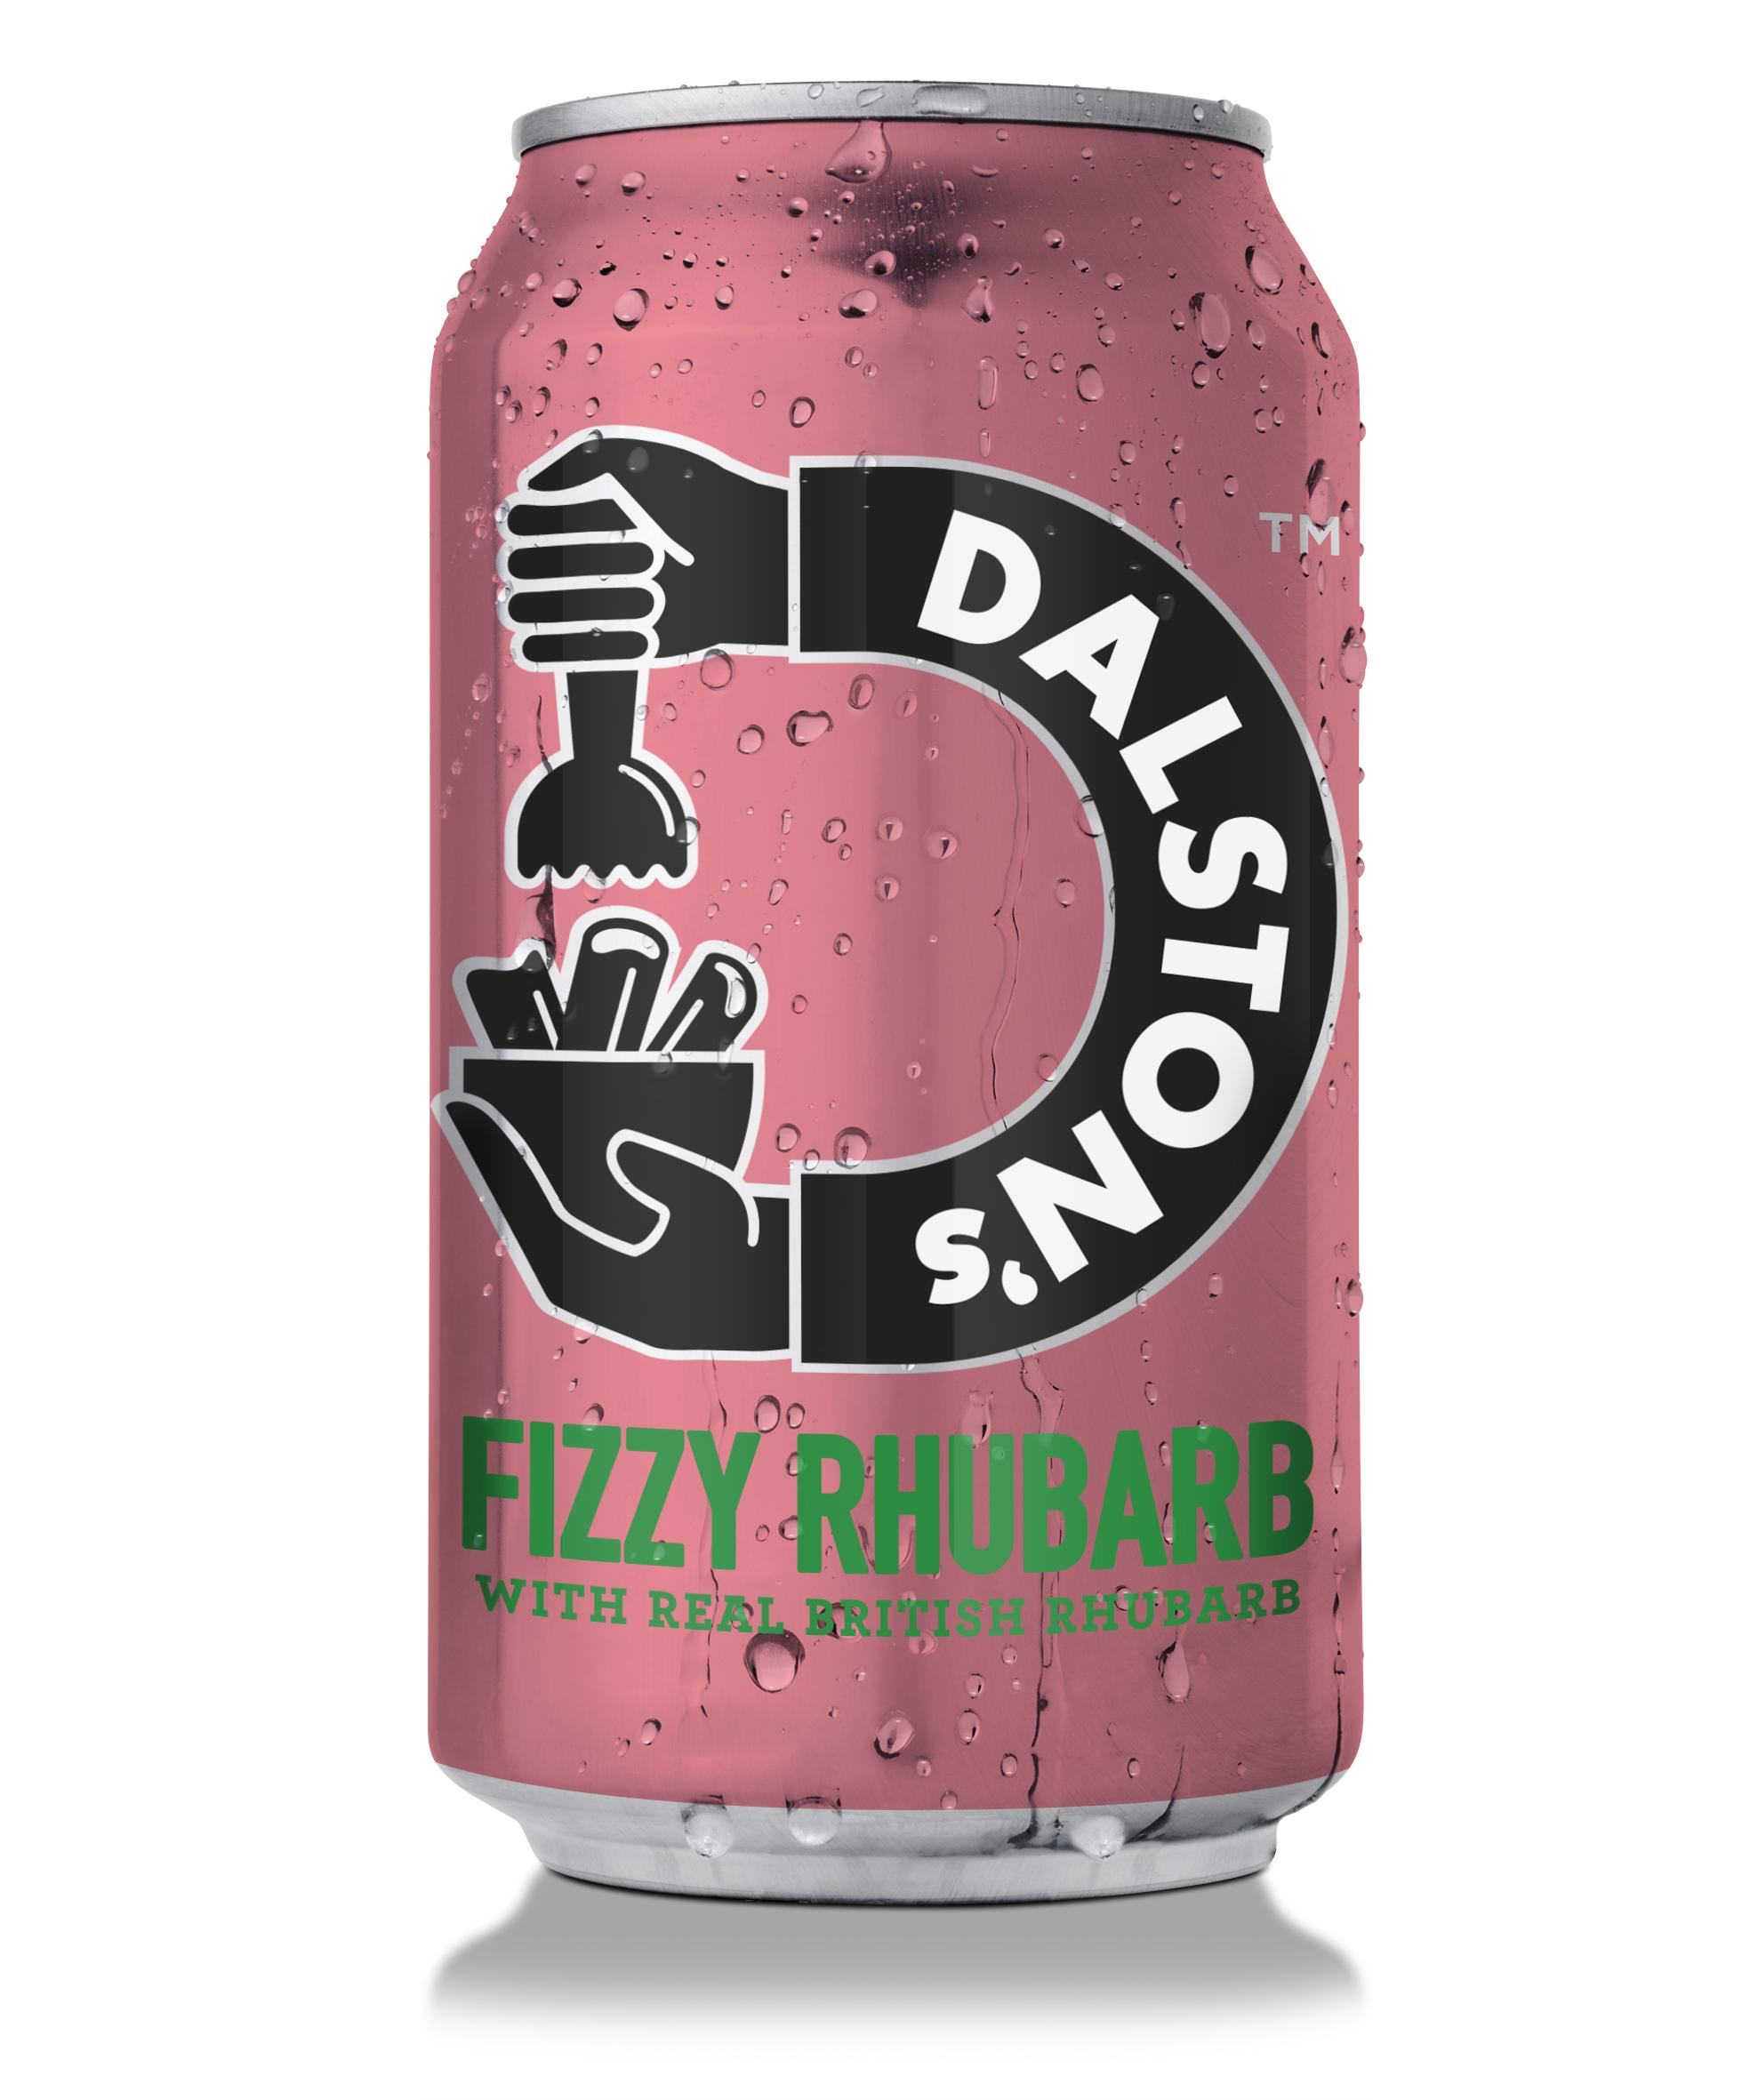 Fizzy Rhubarb